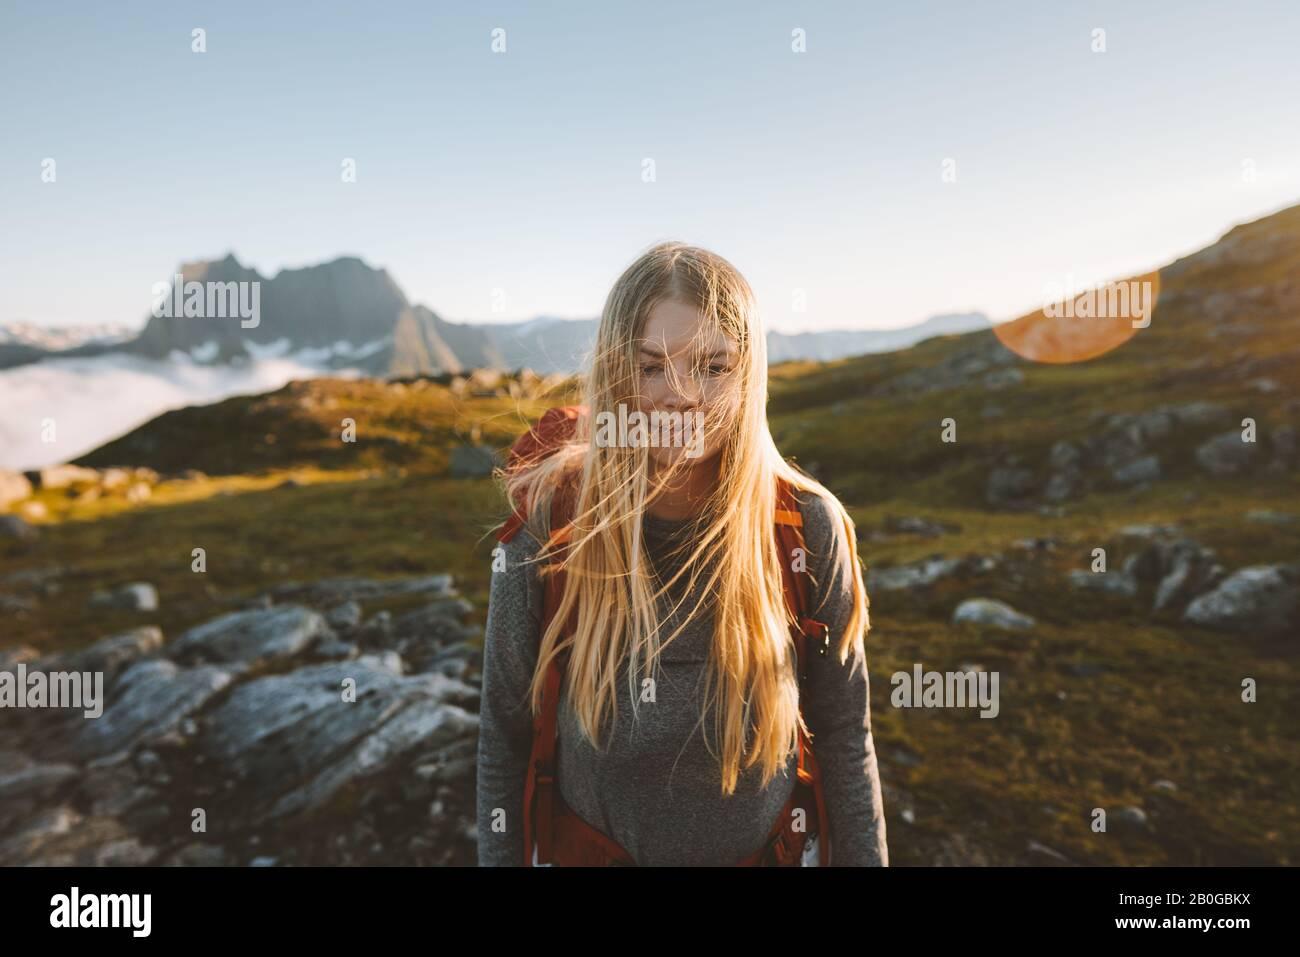 Mujer senderismo en las montañas viaje aventura saludable estilo de vida rubia cabello niña activa vacaciones de verano mochilero en Noruega Foto de stock